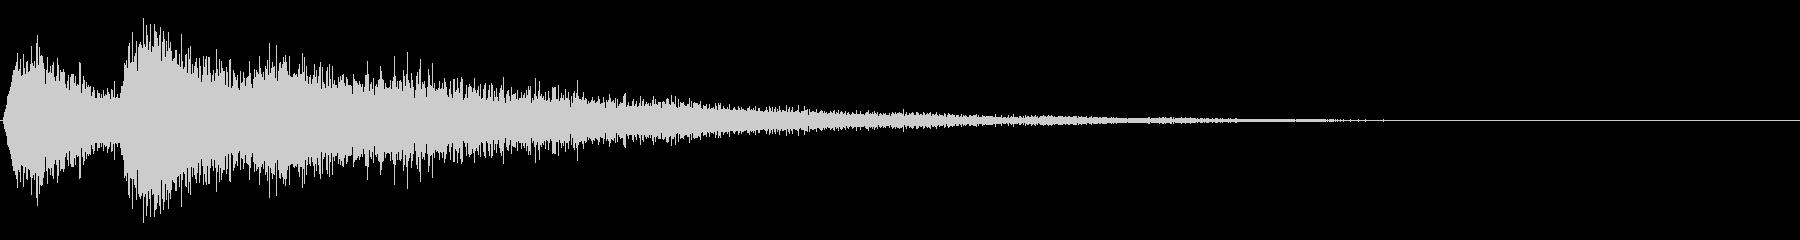 ヒュンヒュンヒロロロ(飛び立つユフォー)の未再生の波形